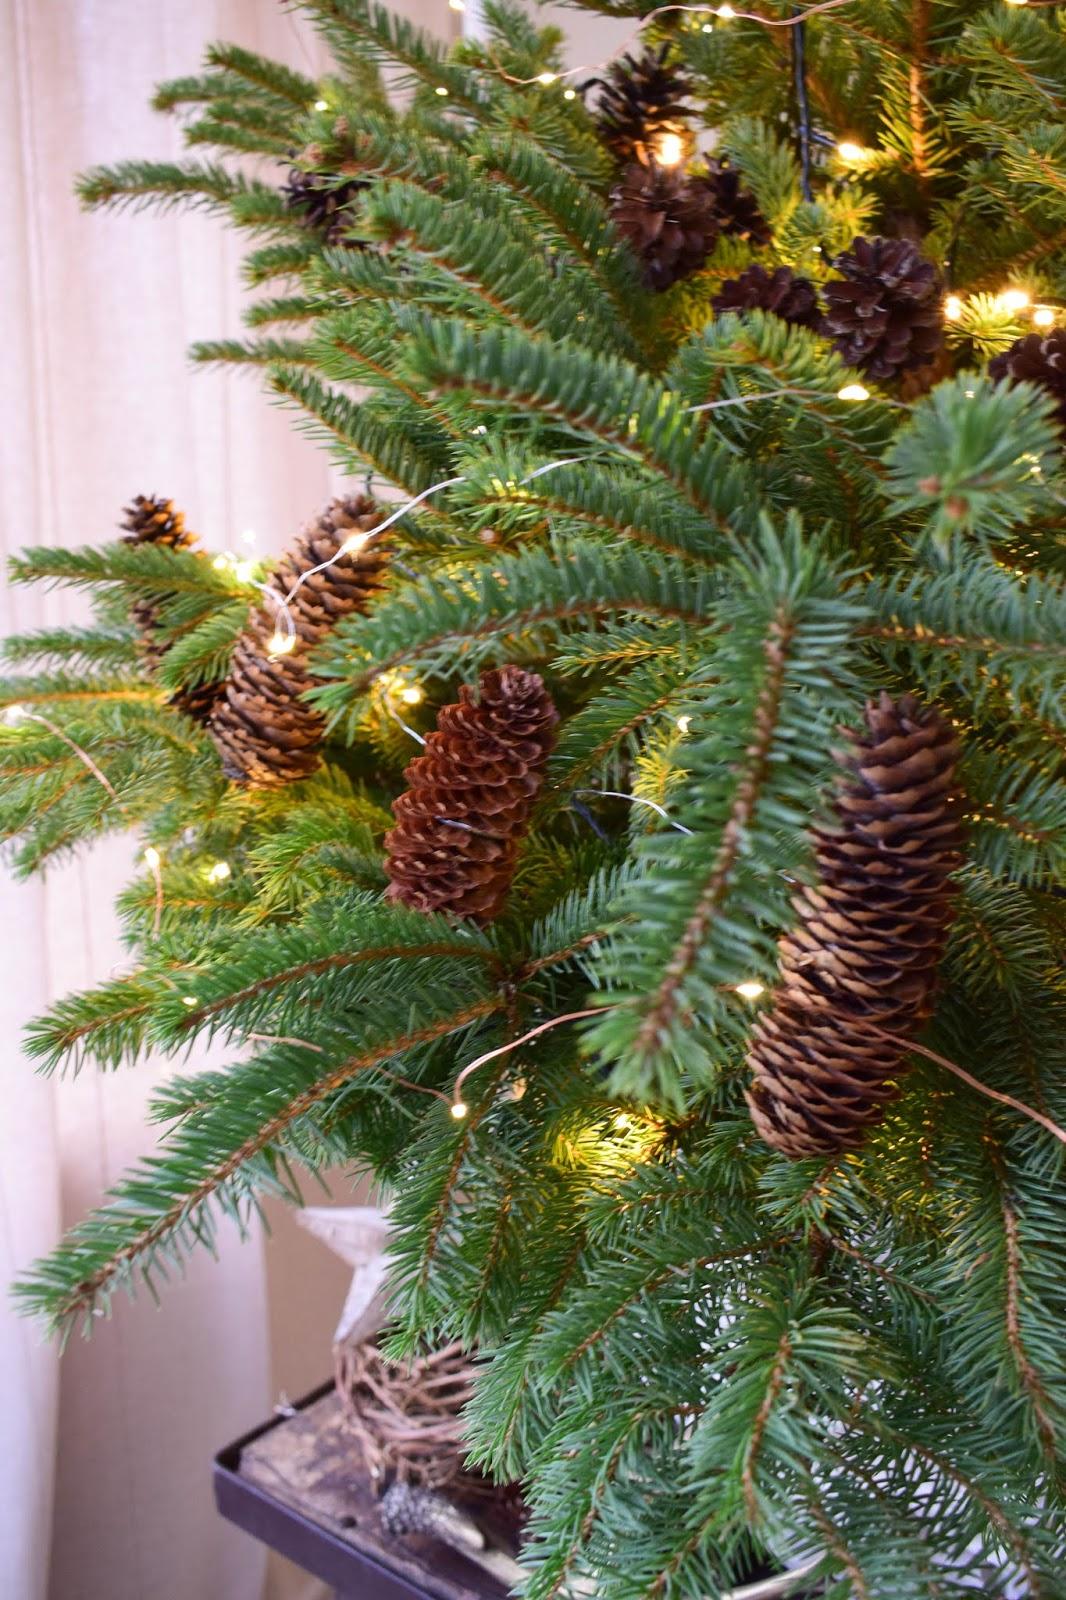 Weihnachtsbaum Dekorieren.Natürliche Deko Für Den Weihnachtsbaum Weihnachtsbaumschmuck